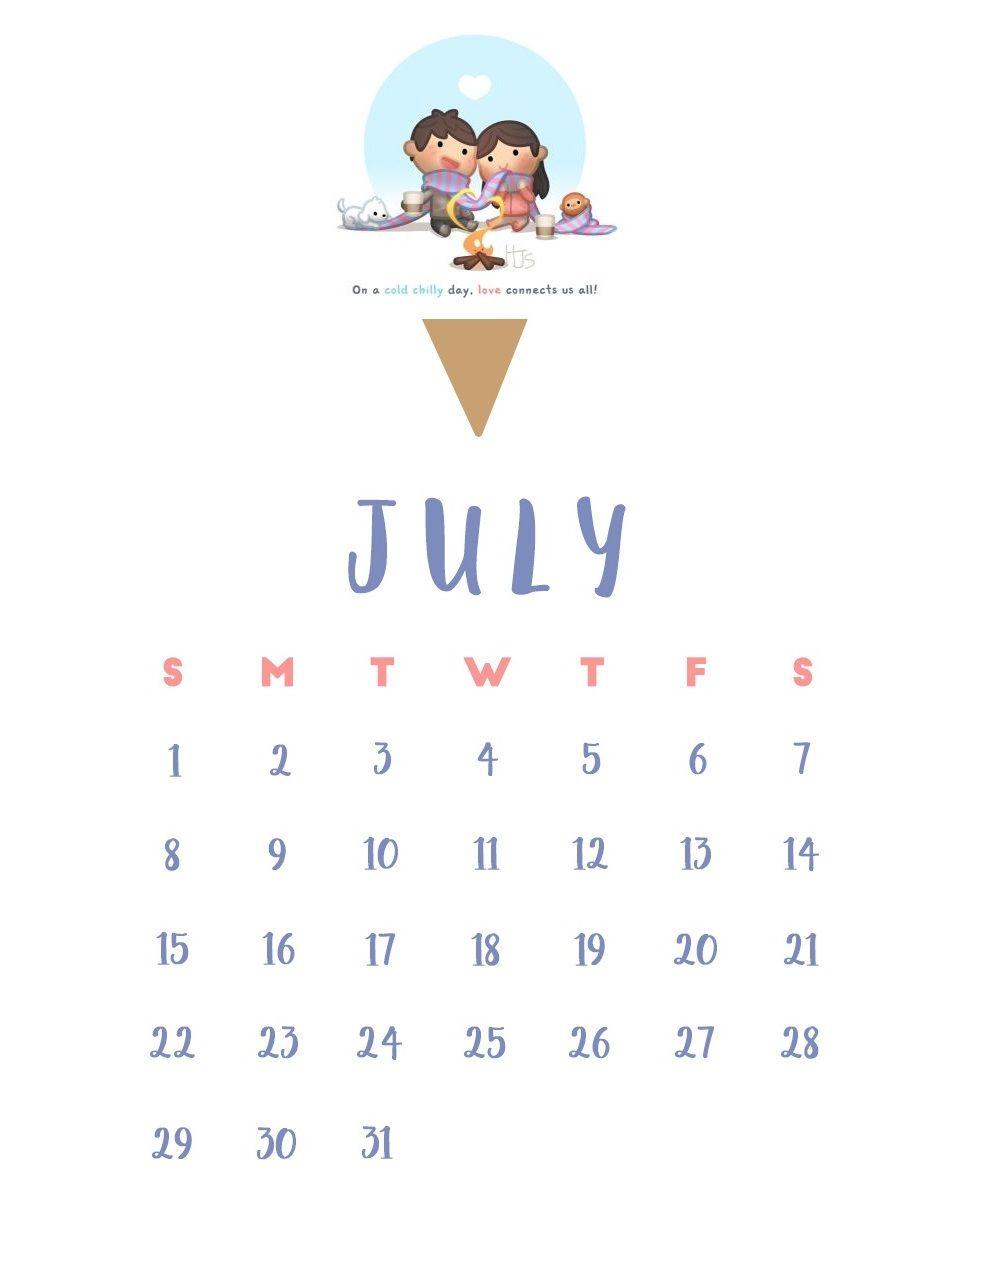 iPhone July 2018 Calendar Wallpaper 2018 Calendars Calendar 1003x1284